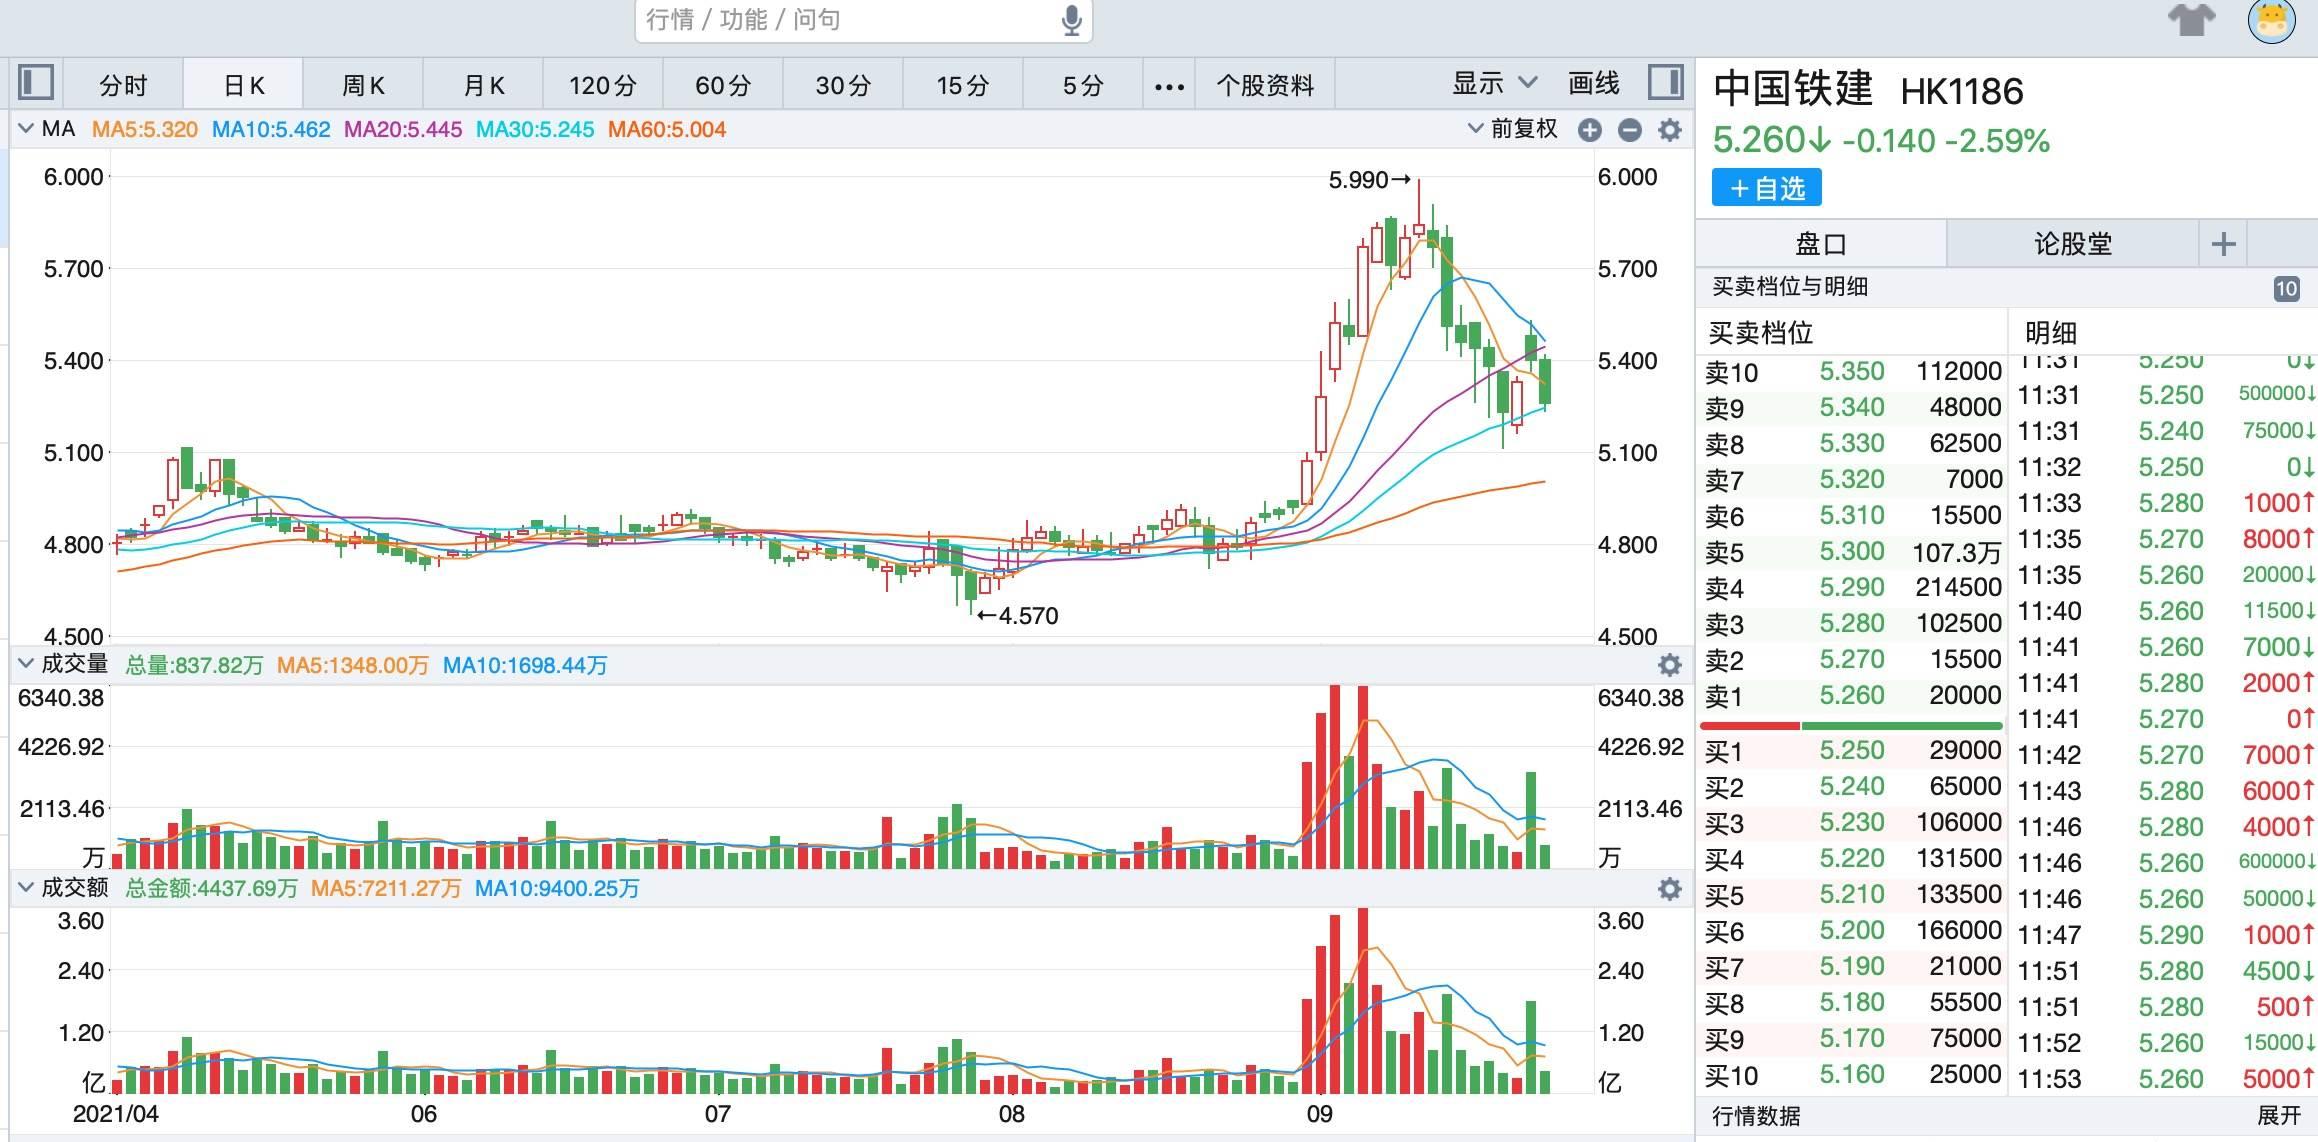 瑞信、大和下调中国铁建(1186.HK)目标价 企业上半年经营性现金流负325亿元